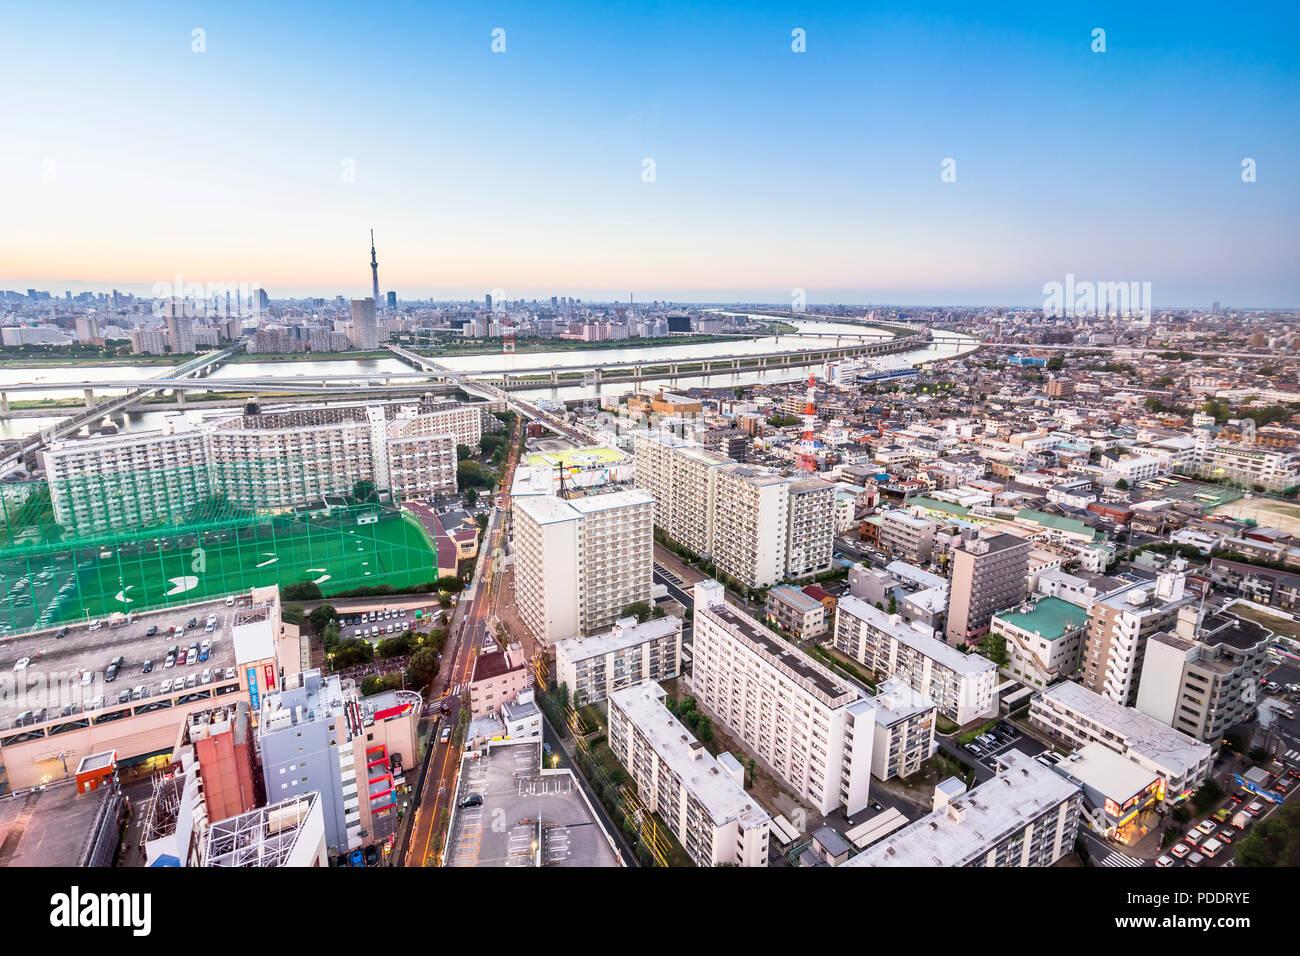 Concepto de negocio y cultura - vistas panorámicas del horizonte de la ciudad de ojo de pájaro moderno vista aérea con tokyo skytree bajo dramático y bello resplandor del atardecer nublado s Imagen De Stock